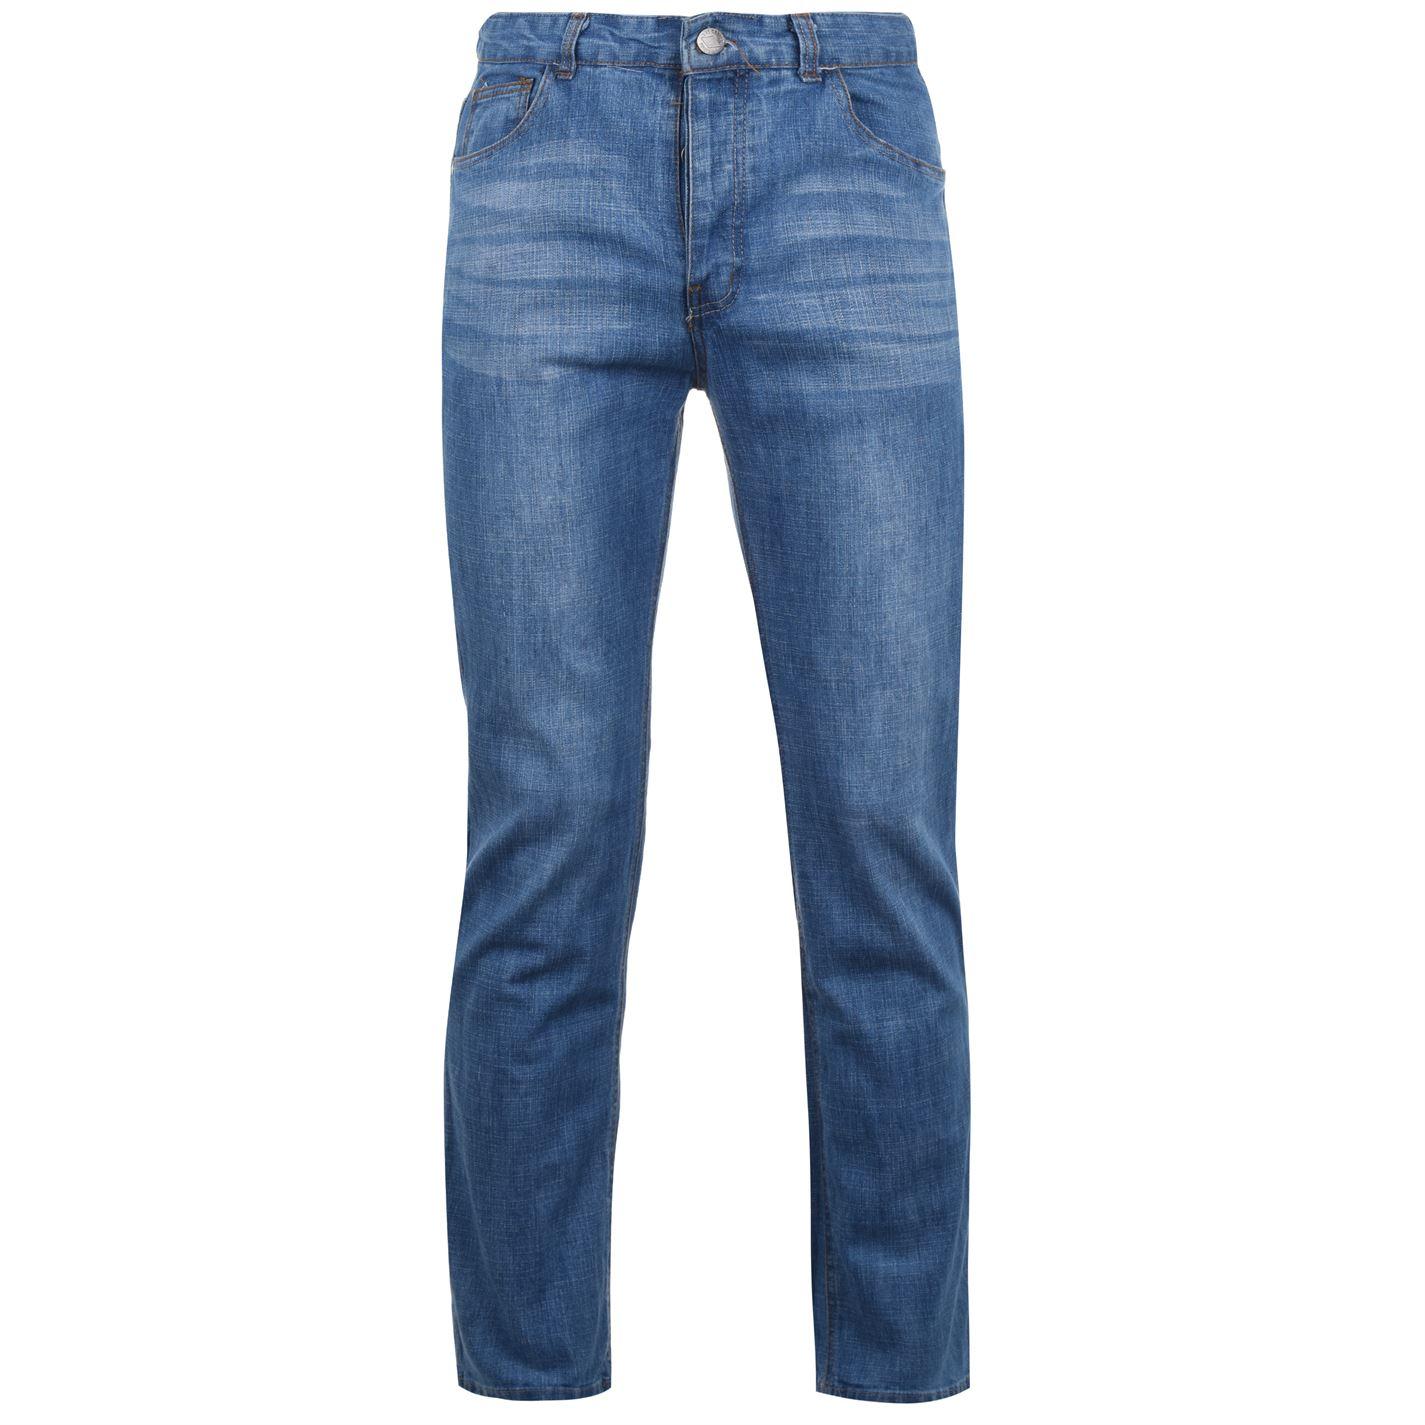 Lee Cooper pánske denimové džínsy